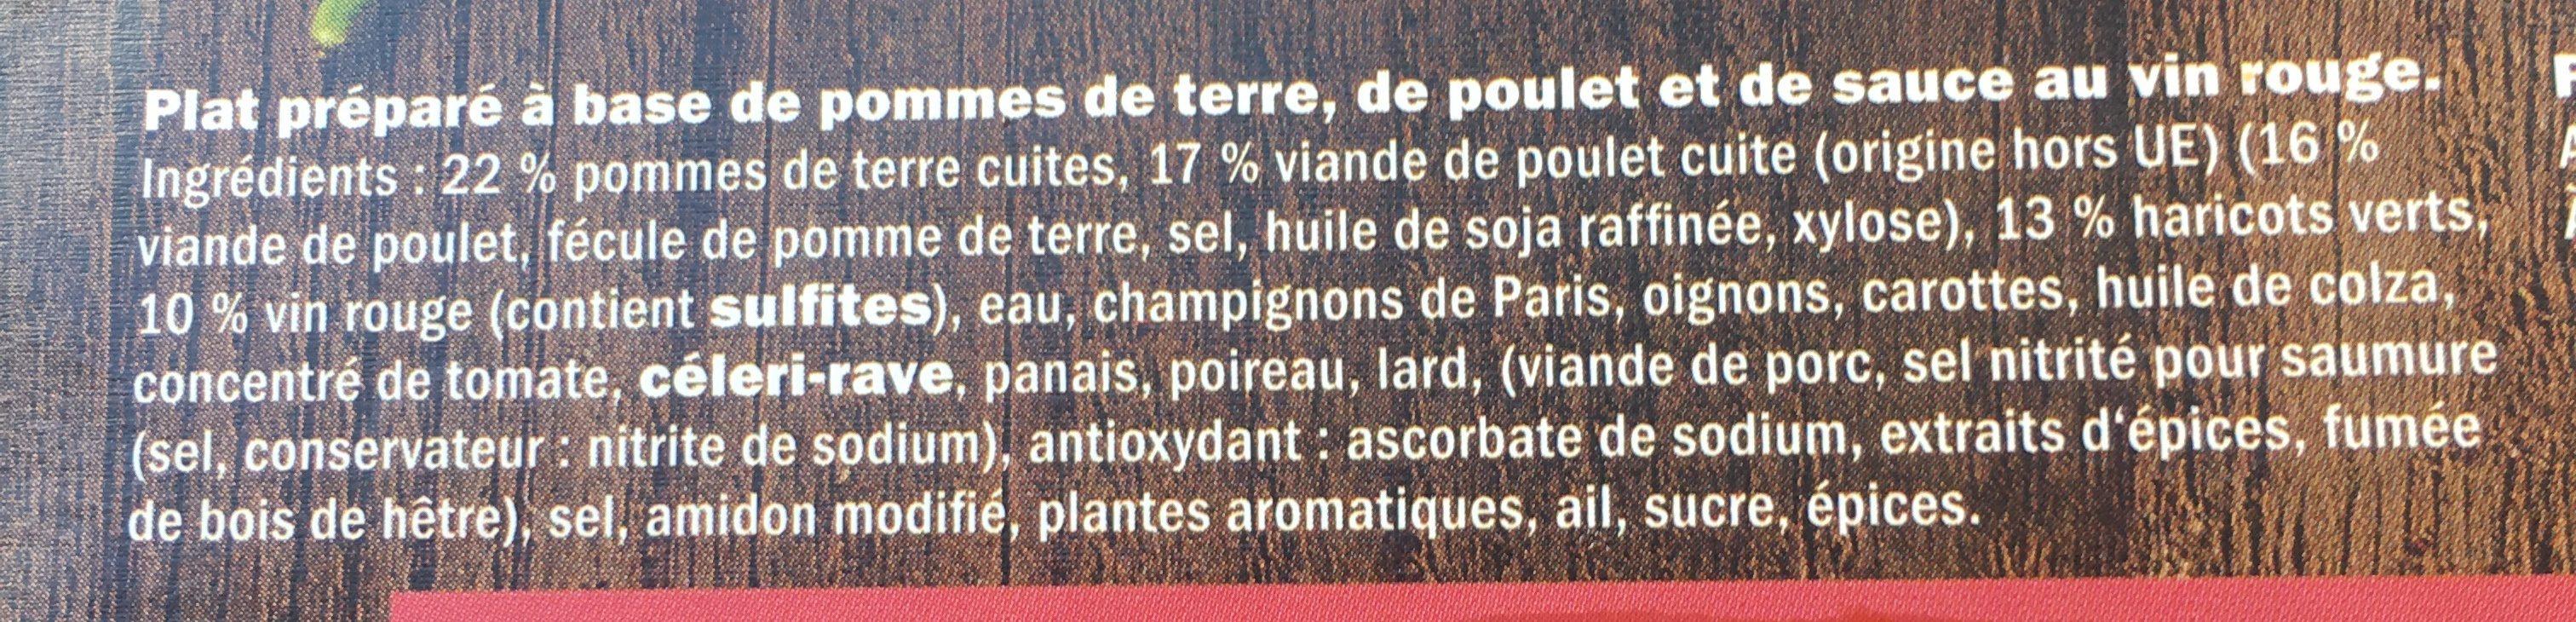 Coq au vin - Ingrédients